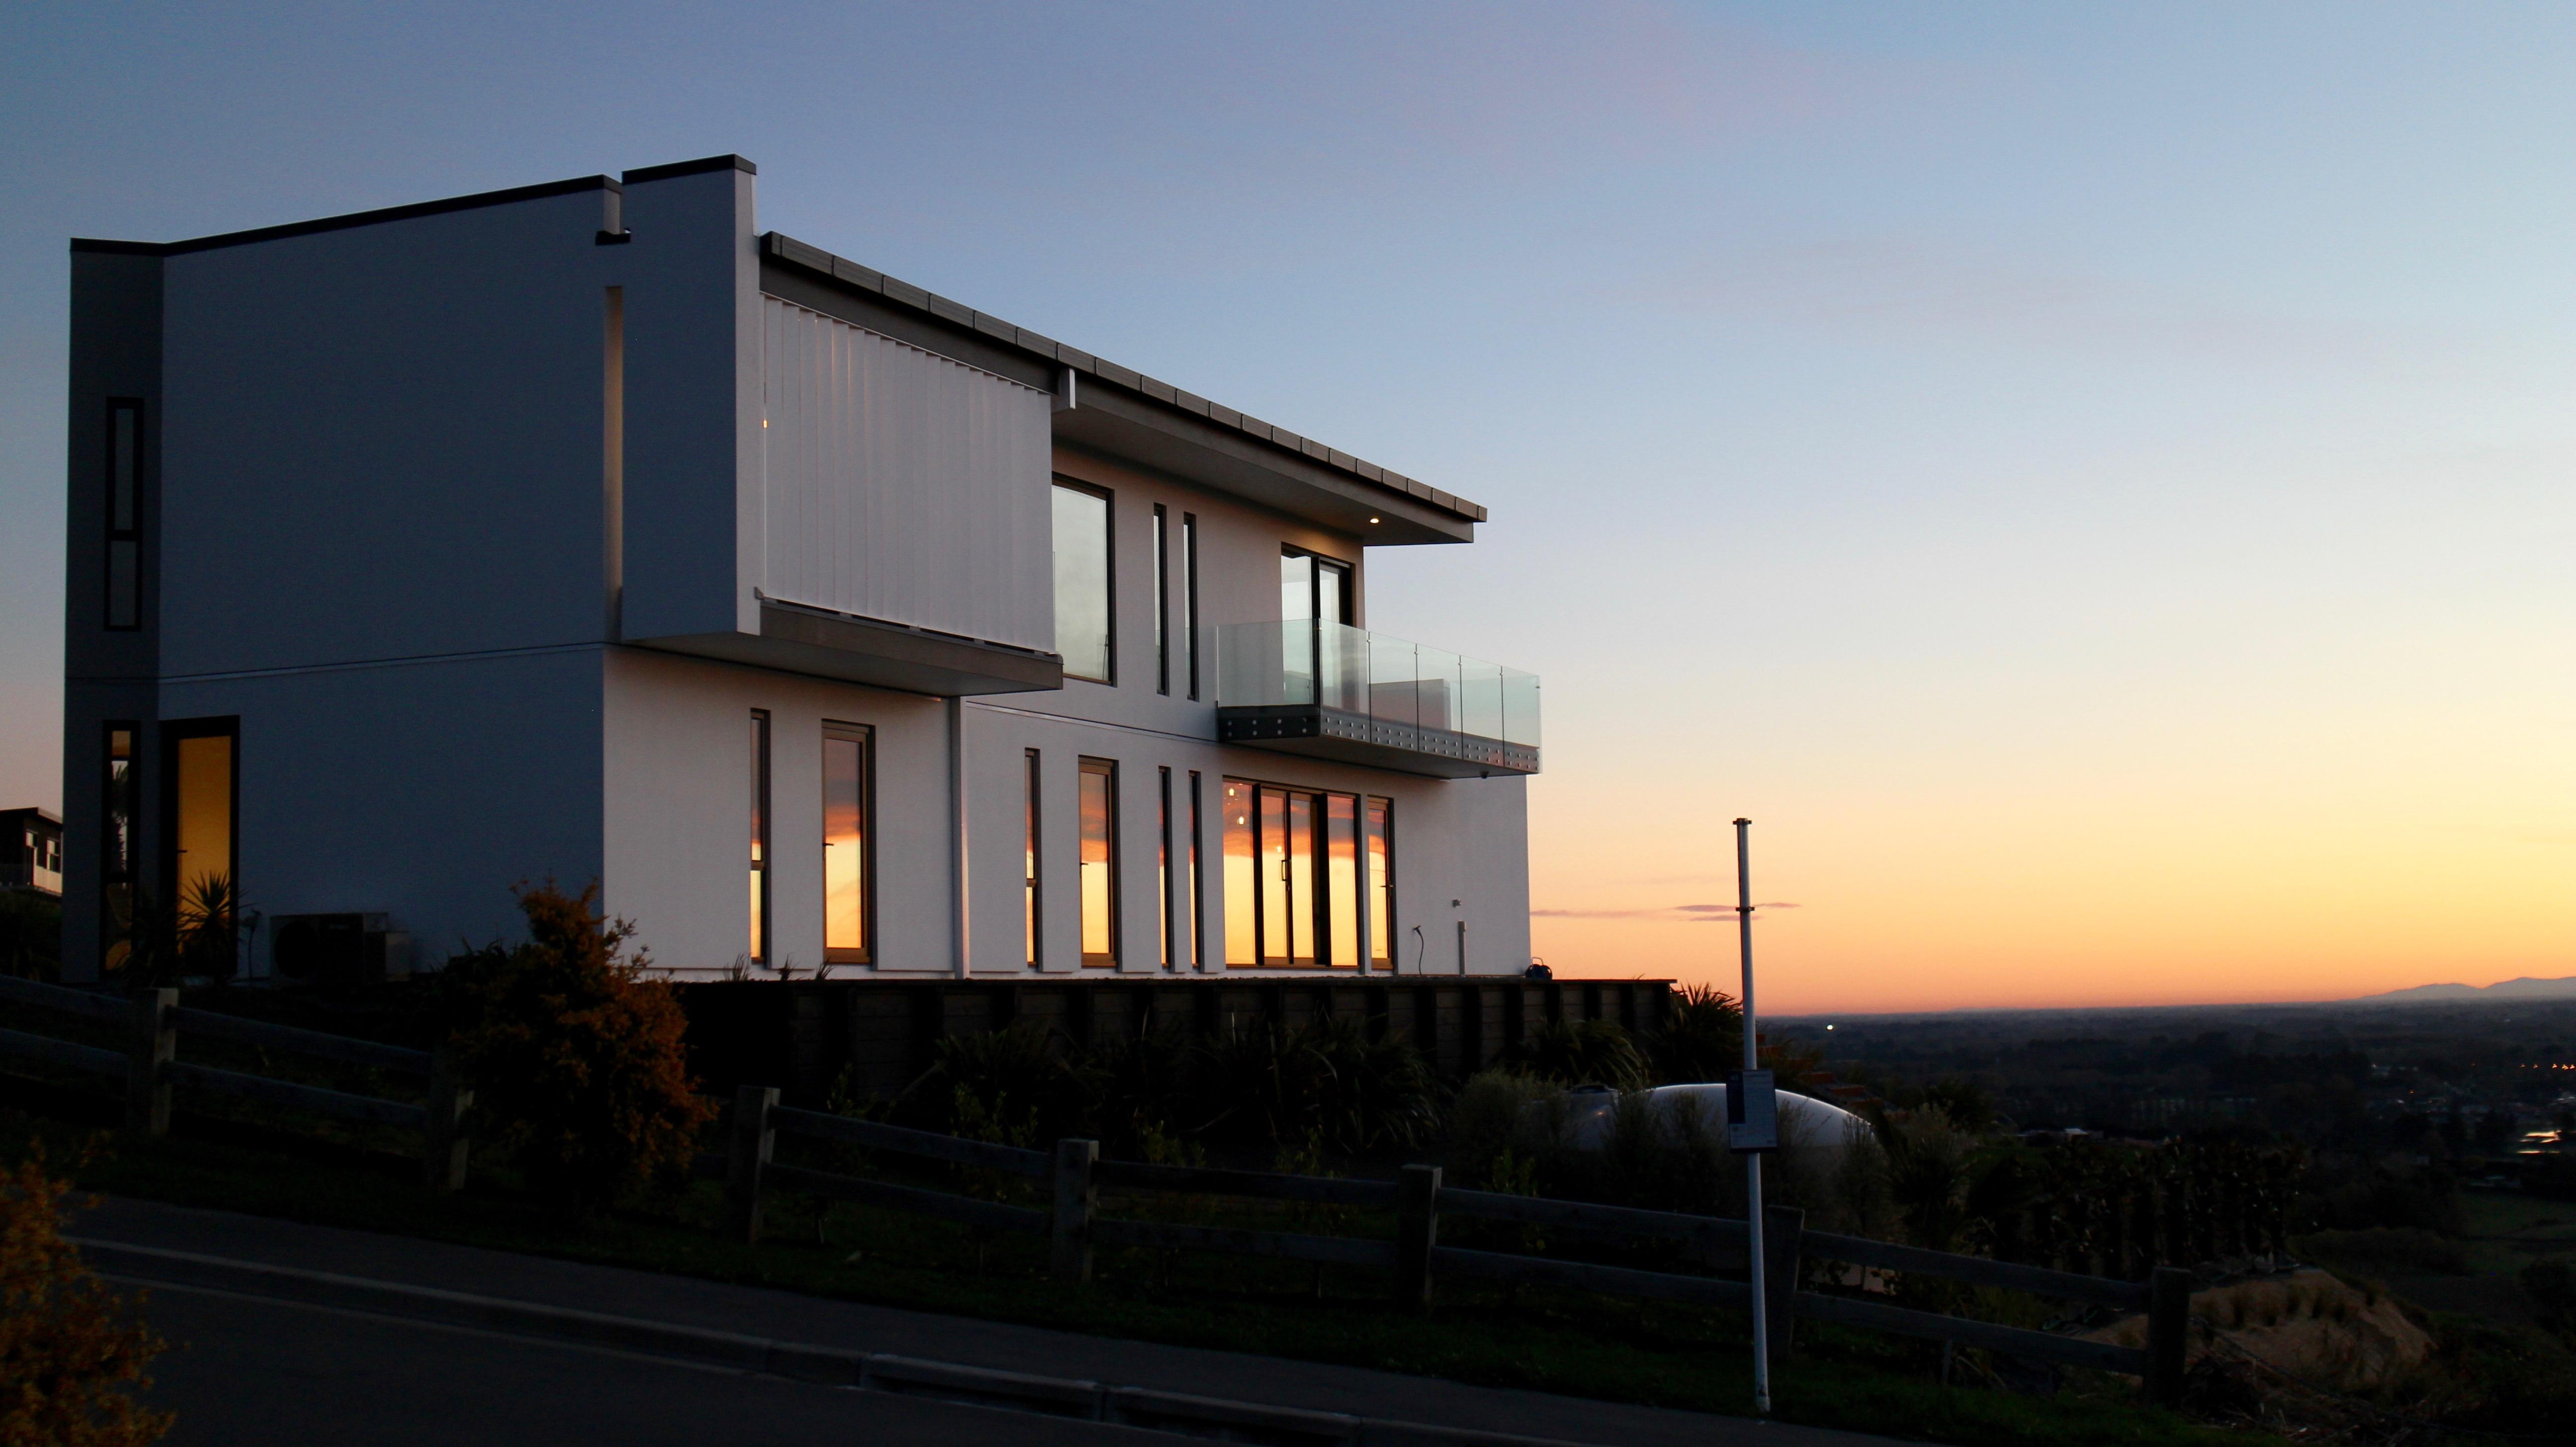 Vila Architecture